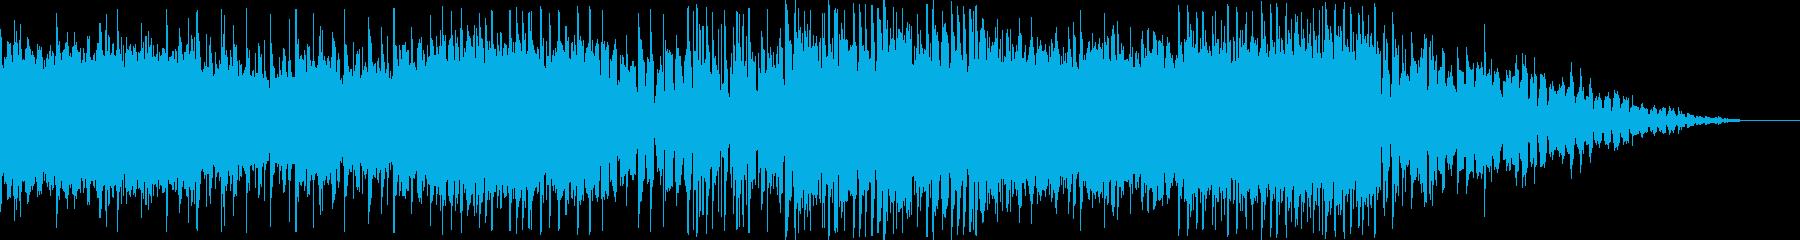 ワクワクした雰囲気の未来的なEDMの再生済みの波形